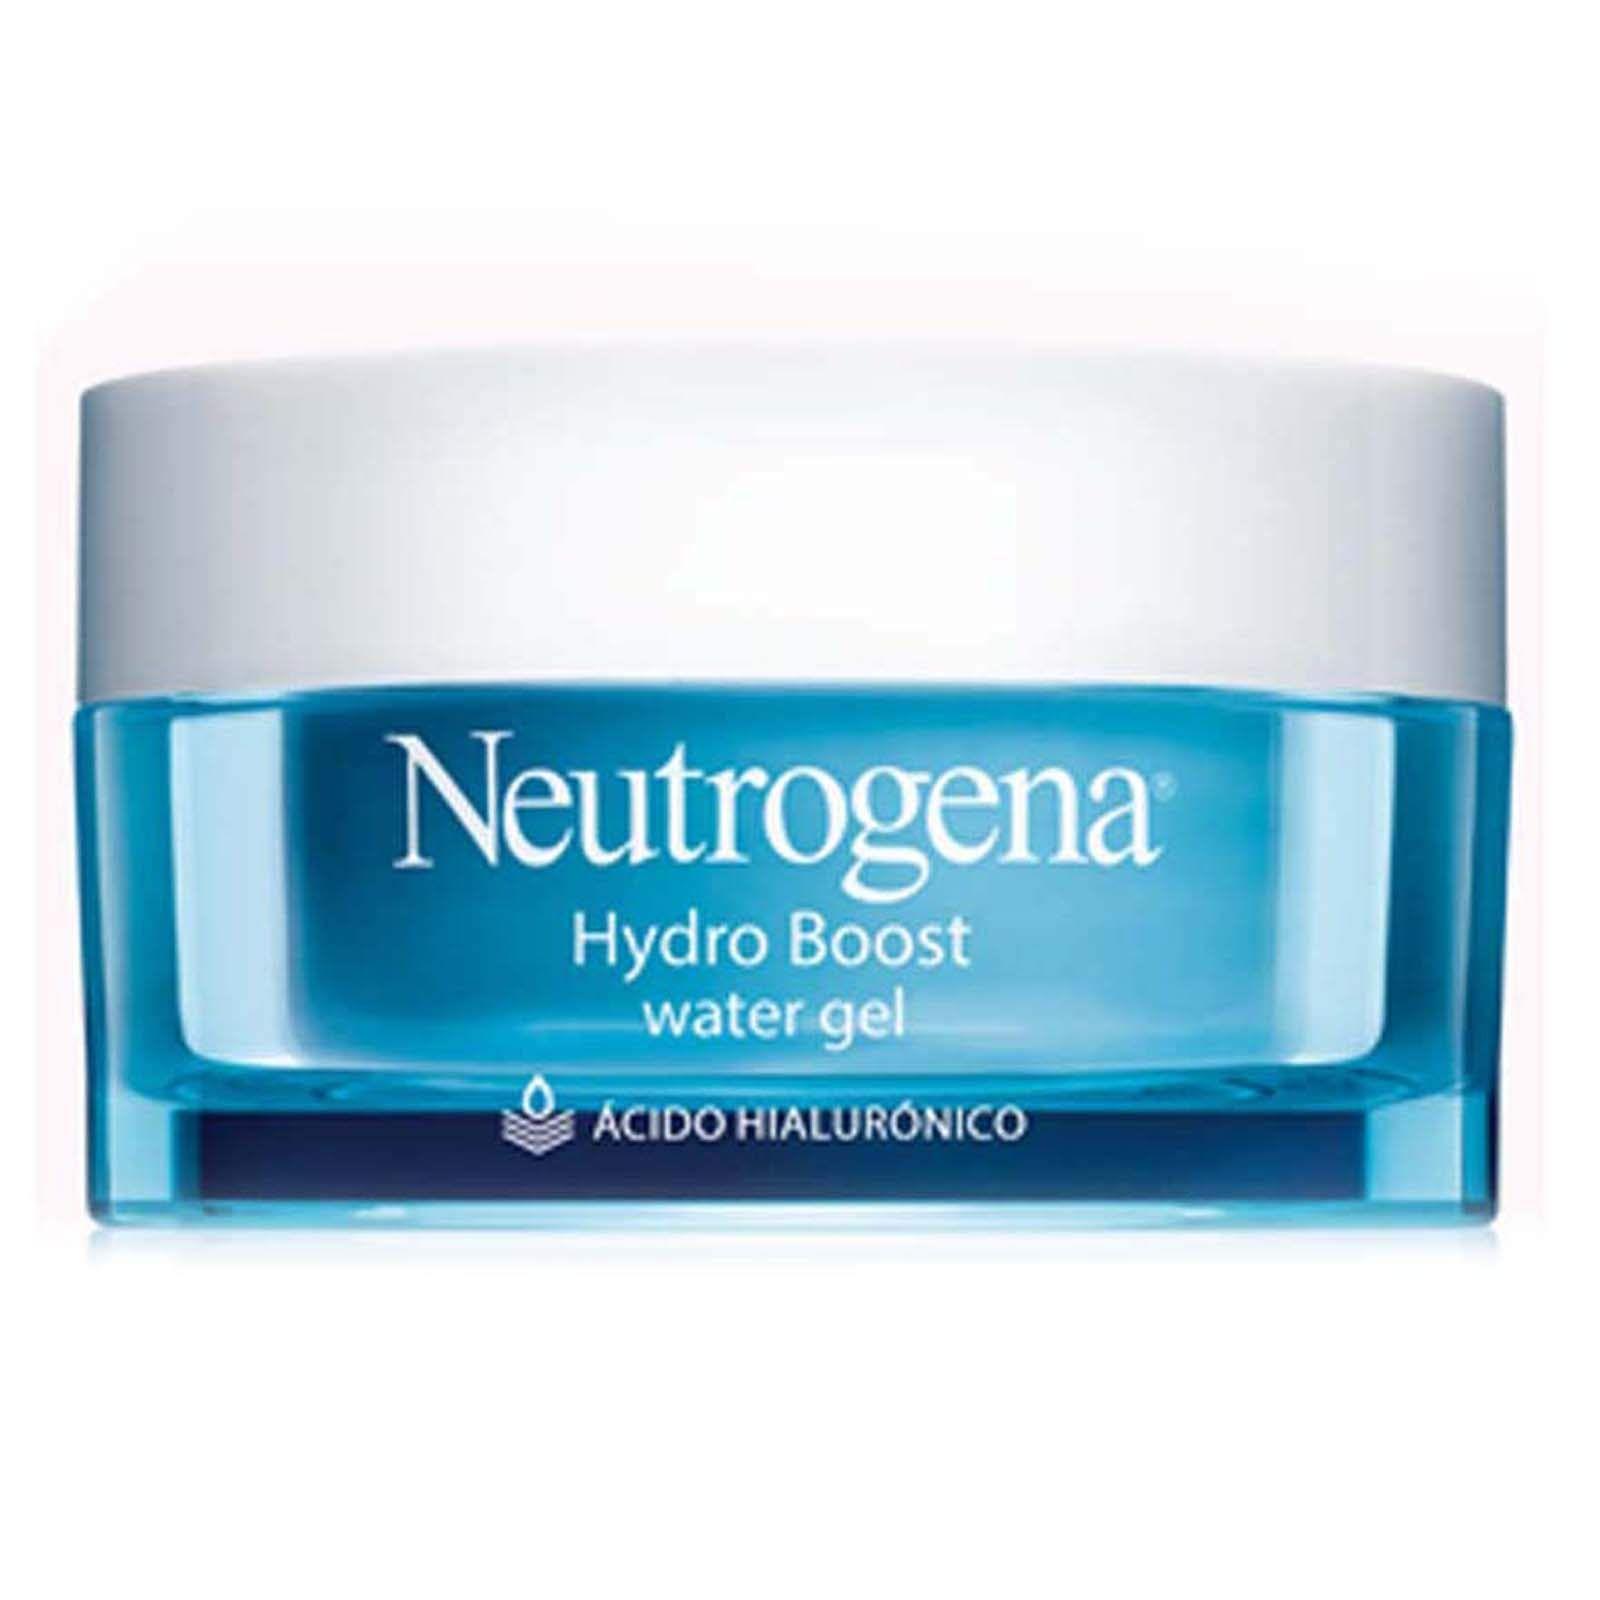 Comprar Neutrogena Hydro Boost Water Gel 1 Tubo Gel 50 Gr